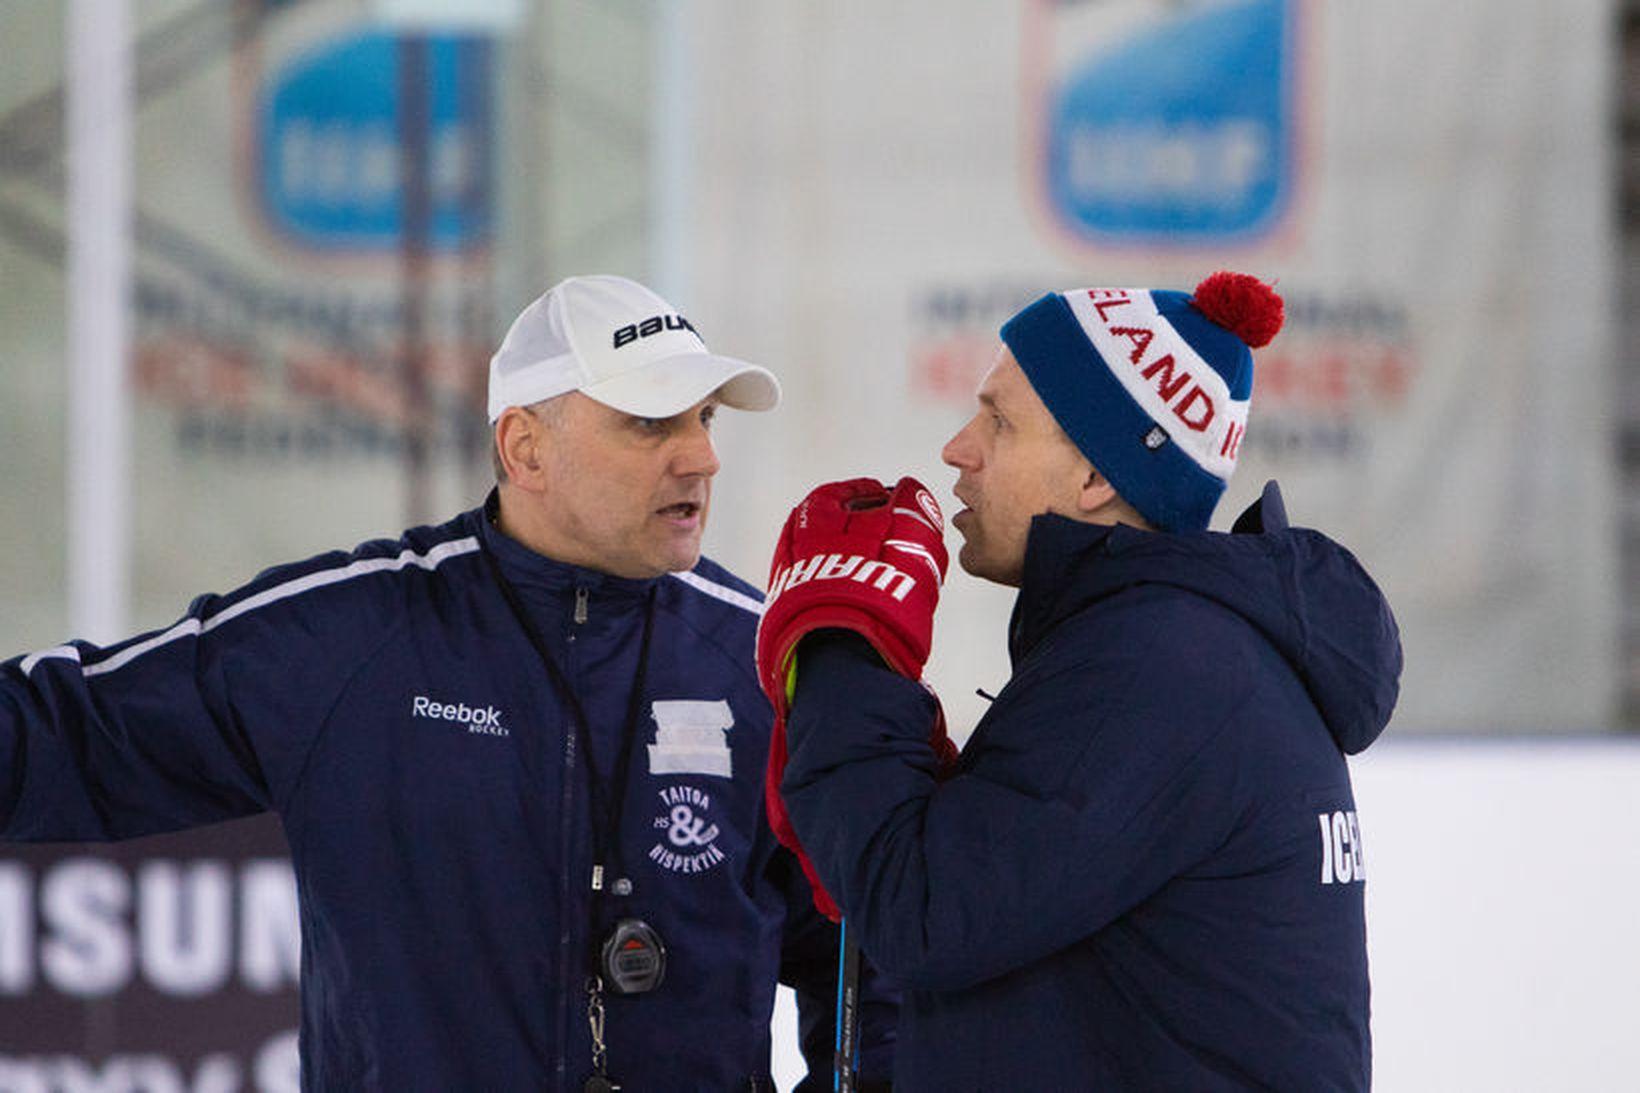 Vladimar Kolek þjálfari og Jussi Sipponen aðstoðarþjálfari á æfingu íslenska …